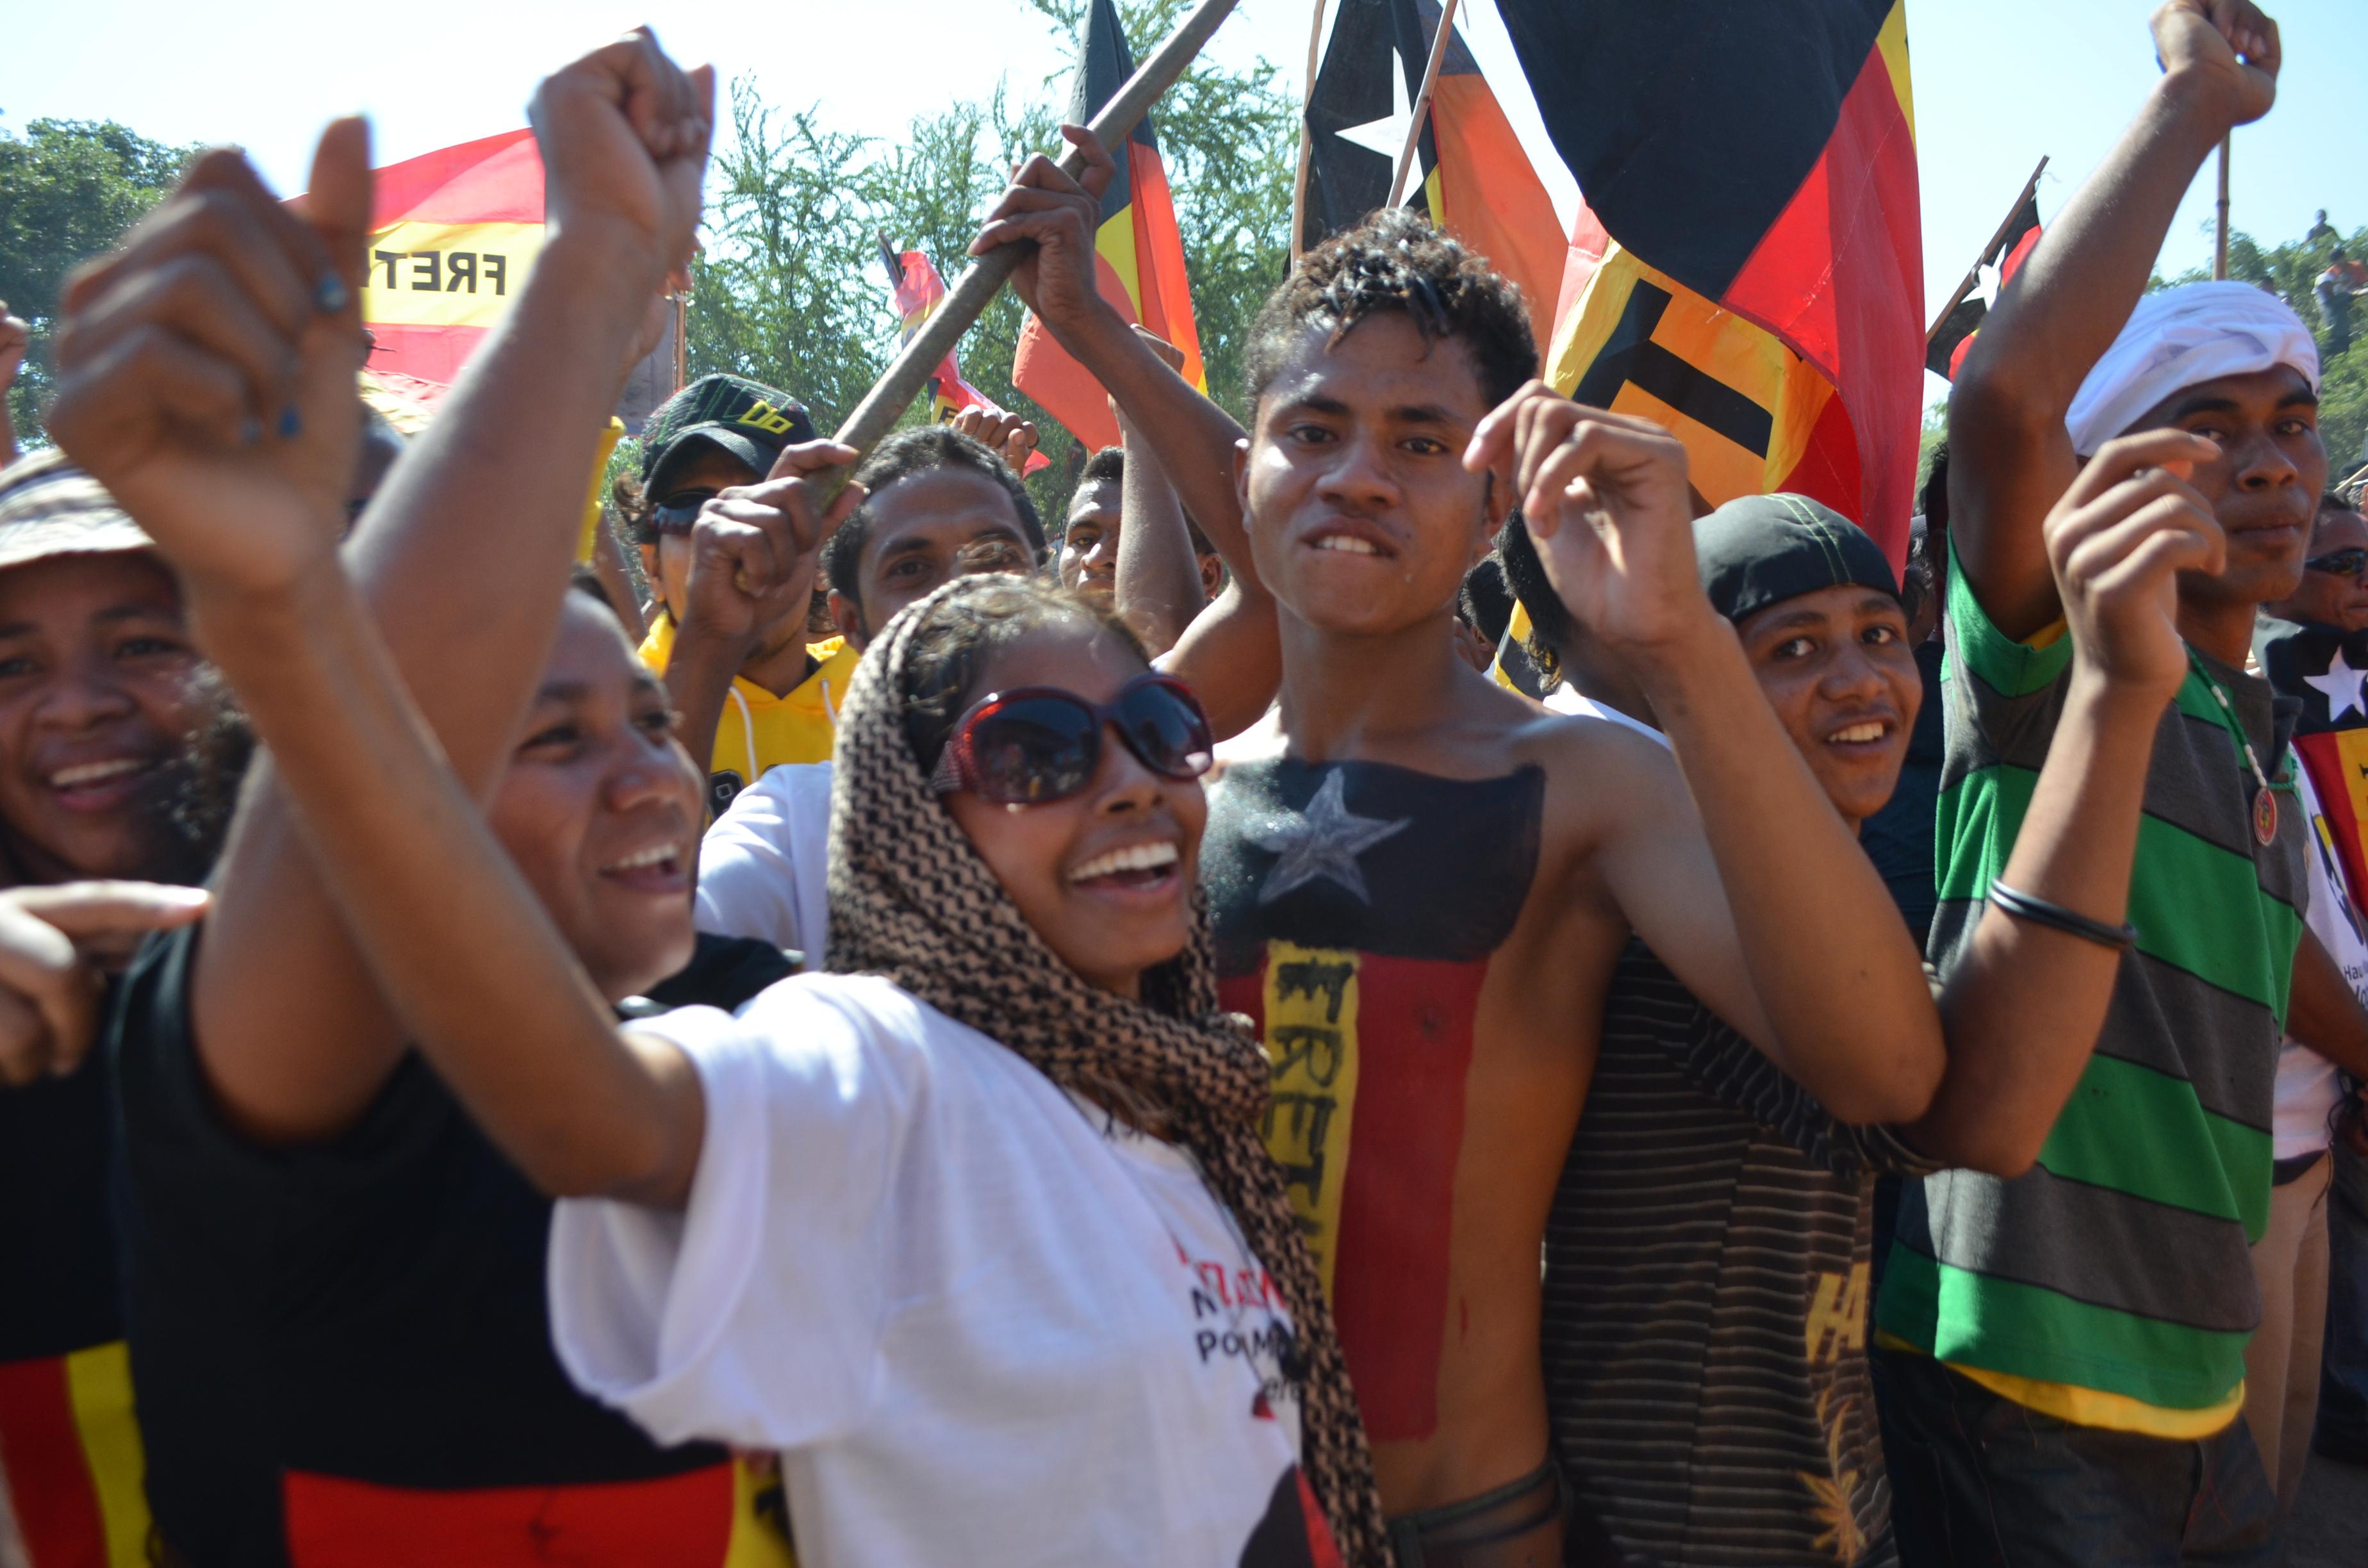 Fretilin supporters at party rally at Tasi Tolu on Tuesday (Photo: Simon Roughneen)